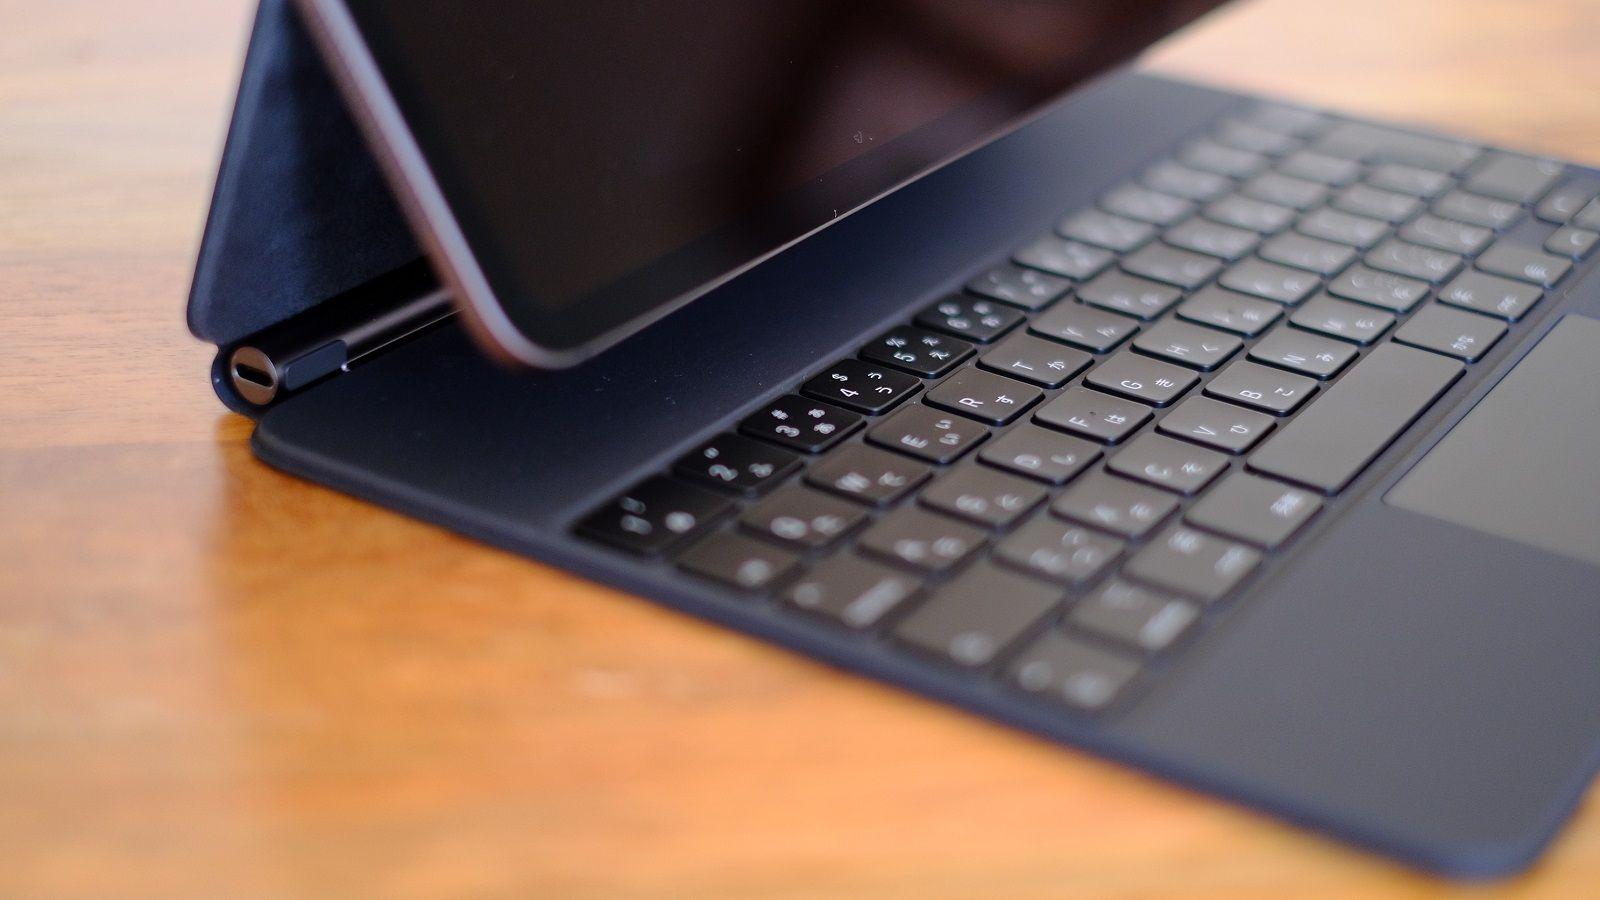 iPadがパソコンに変身「磁石で付くキーボード」 | スマホ・ガジェット ...